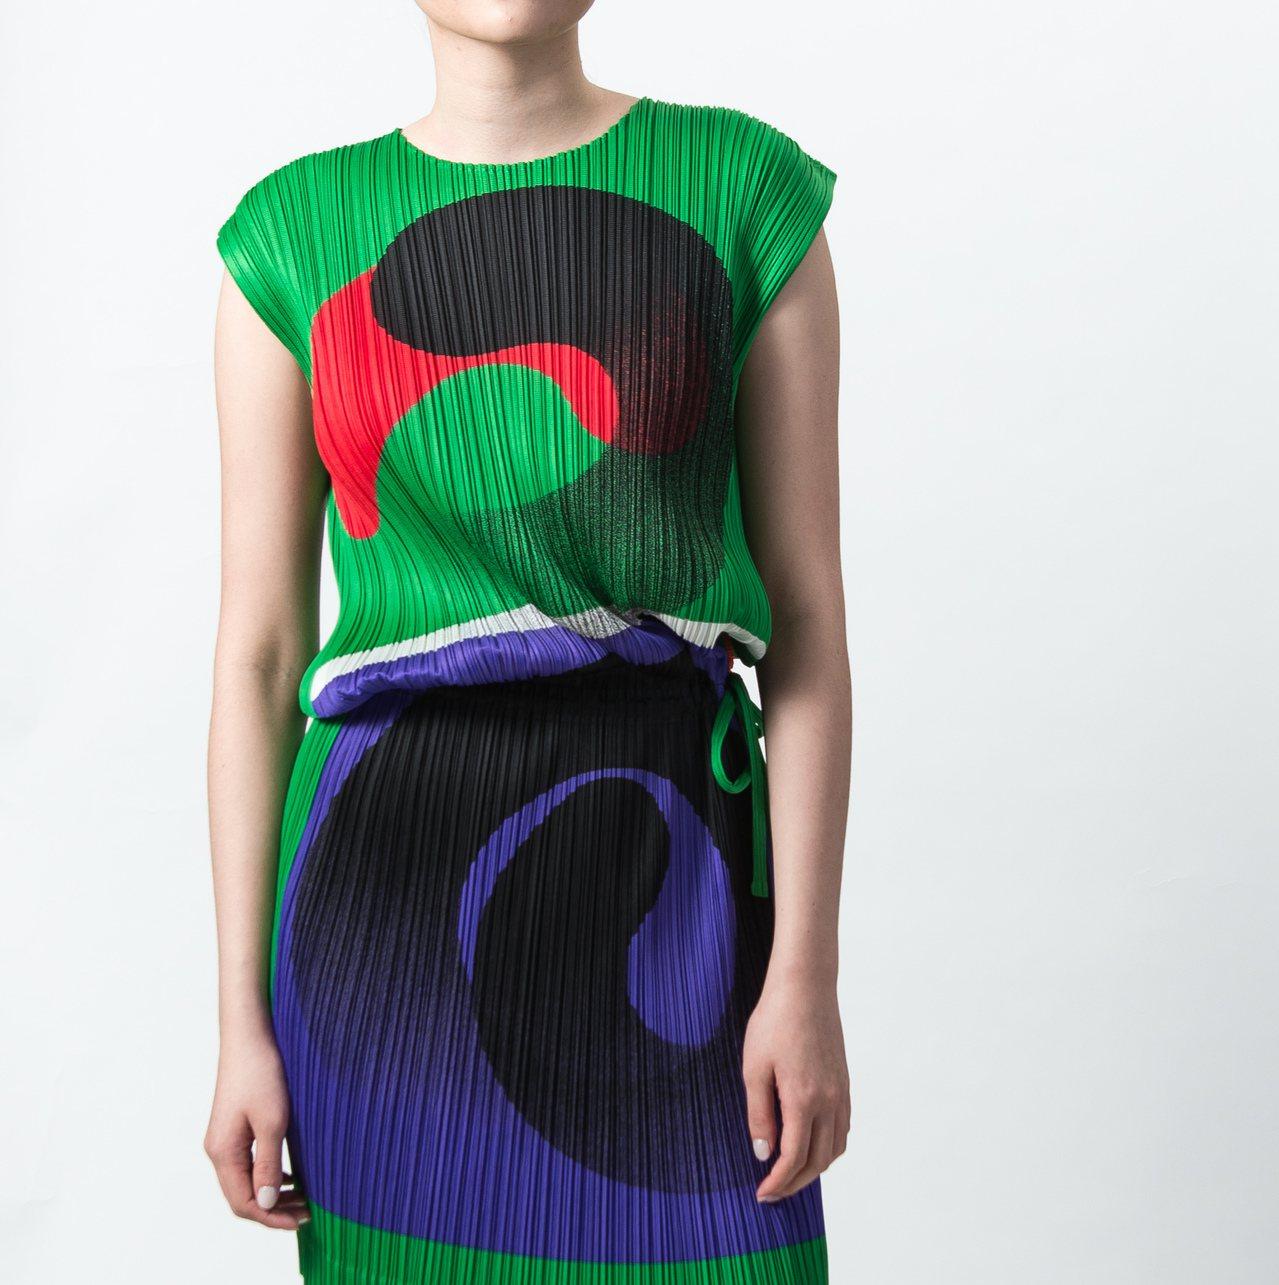 一光仕事腰抽繩包袖洋裝,售價19,300元。圖/ISSEY MIYAKE提供